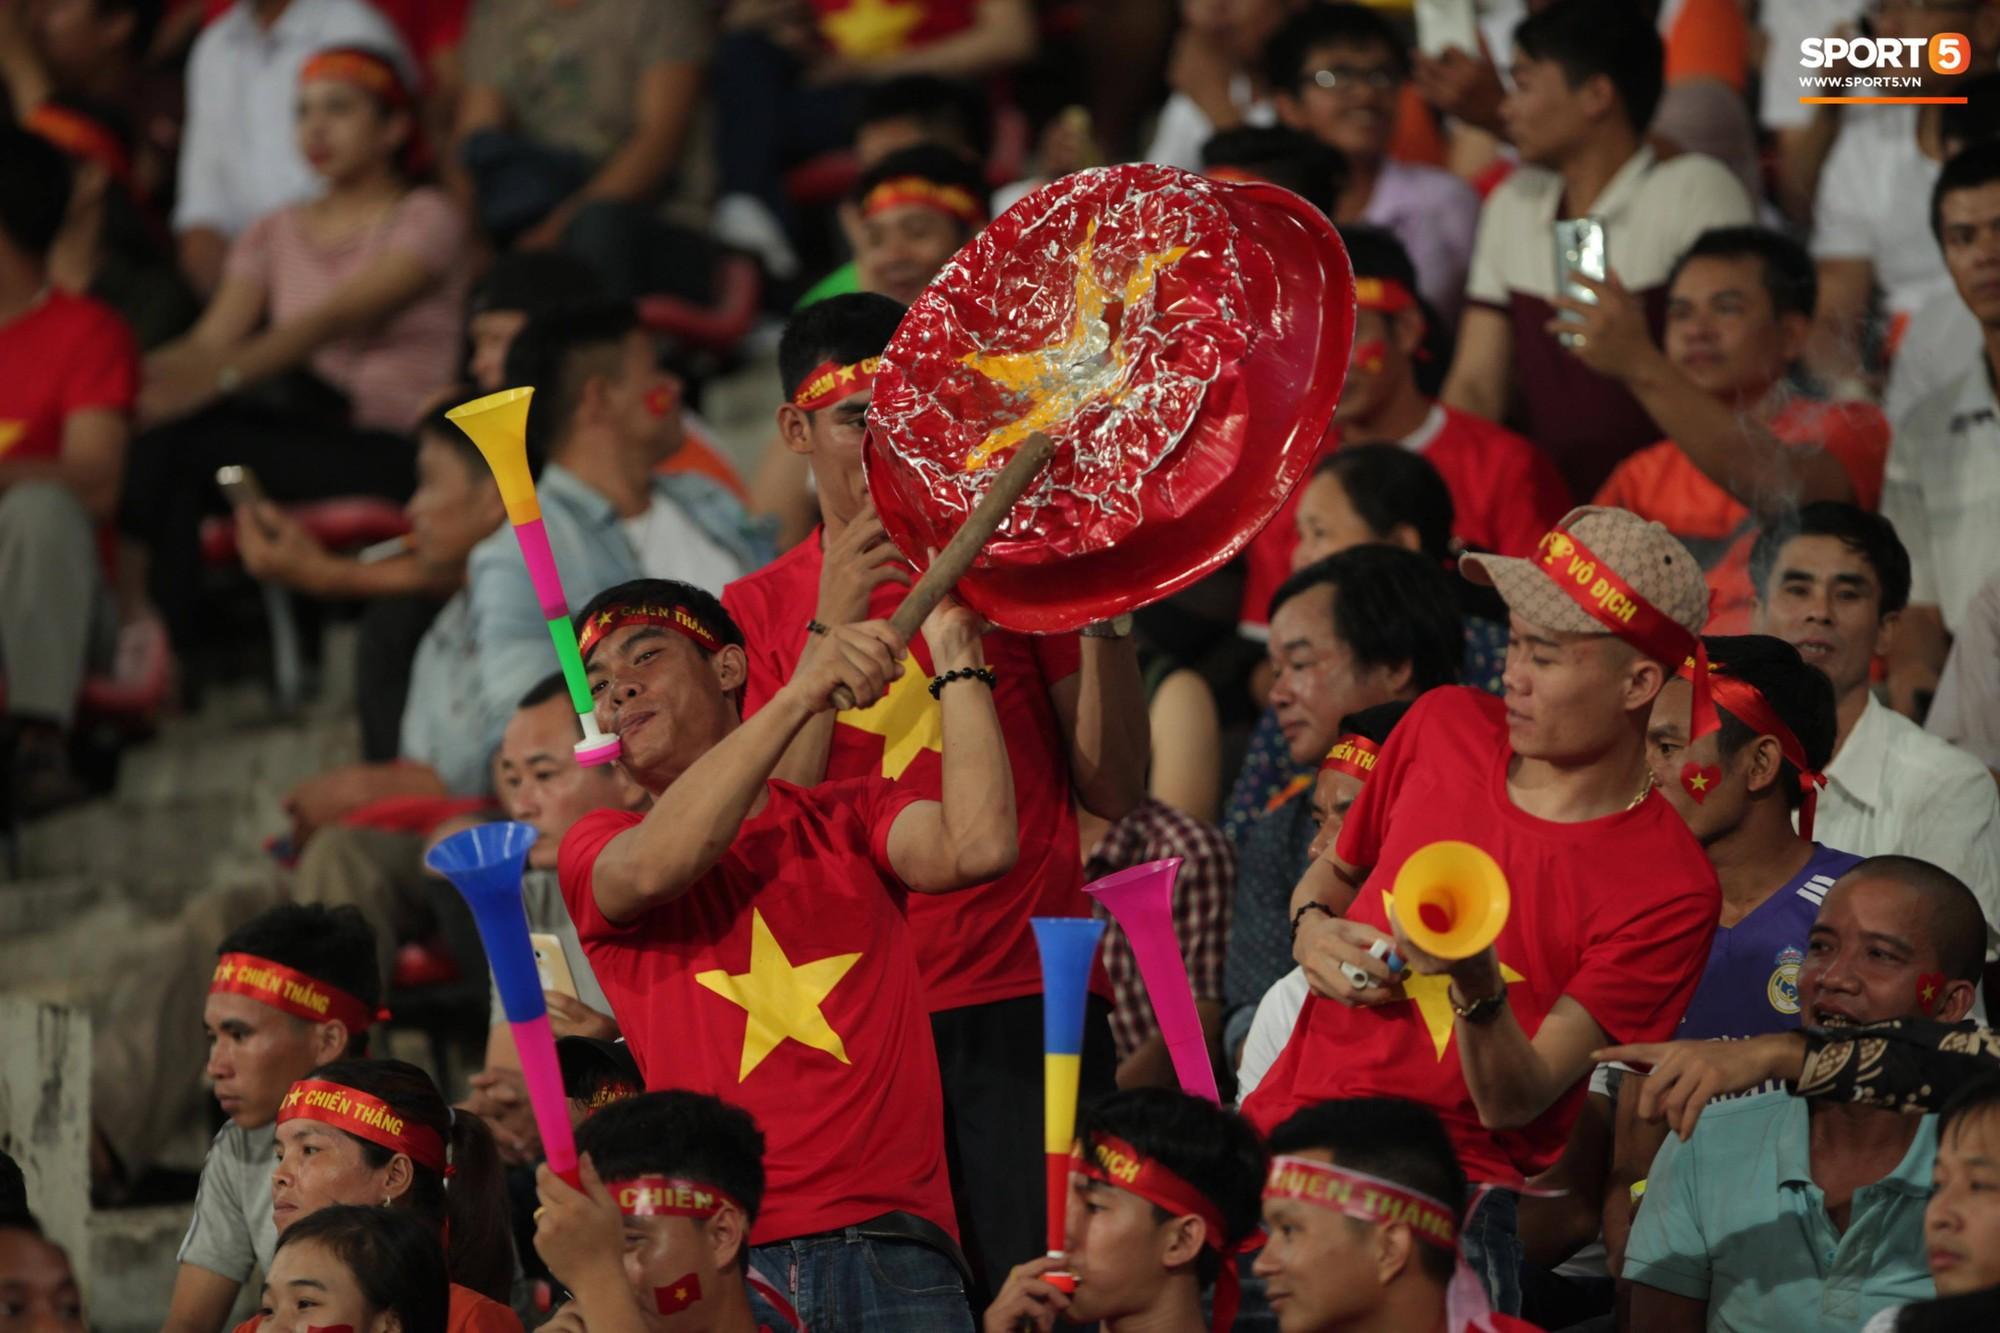 aff cup 2018 - photo 6 1541735881726307403829 - Đây mới là lý do khiến cầu thủ Lào chạnh lòng sau trận thua Việt Nam ở AFF Cup 2018